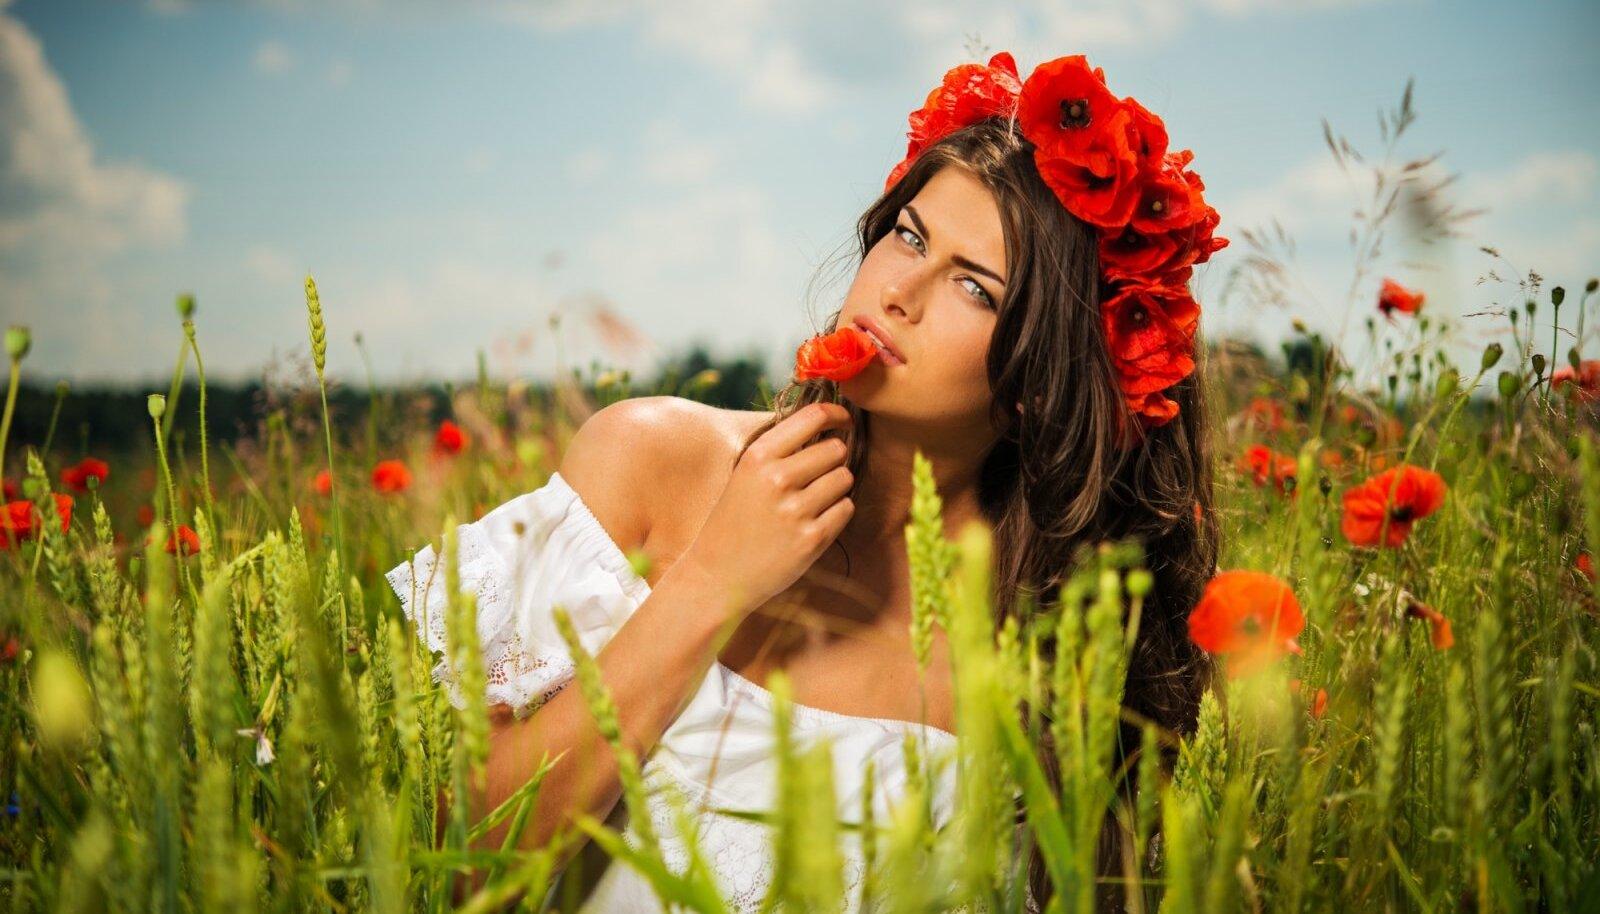 Naiselikkus oskab transformeerida olemist, ilu, kunsti, loodust, liikumist energiaks, mis tõstab naiselikku vibratsiooni